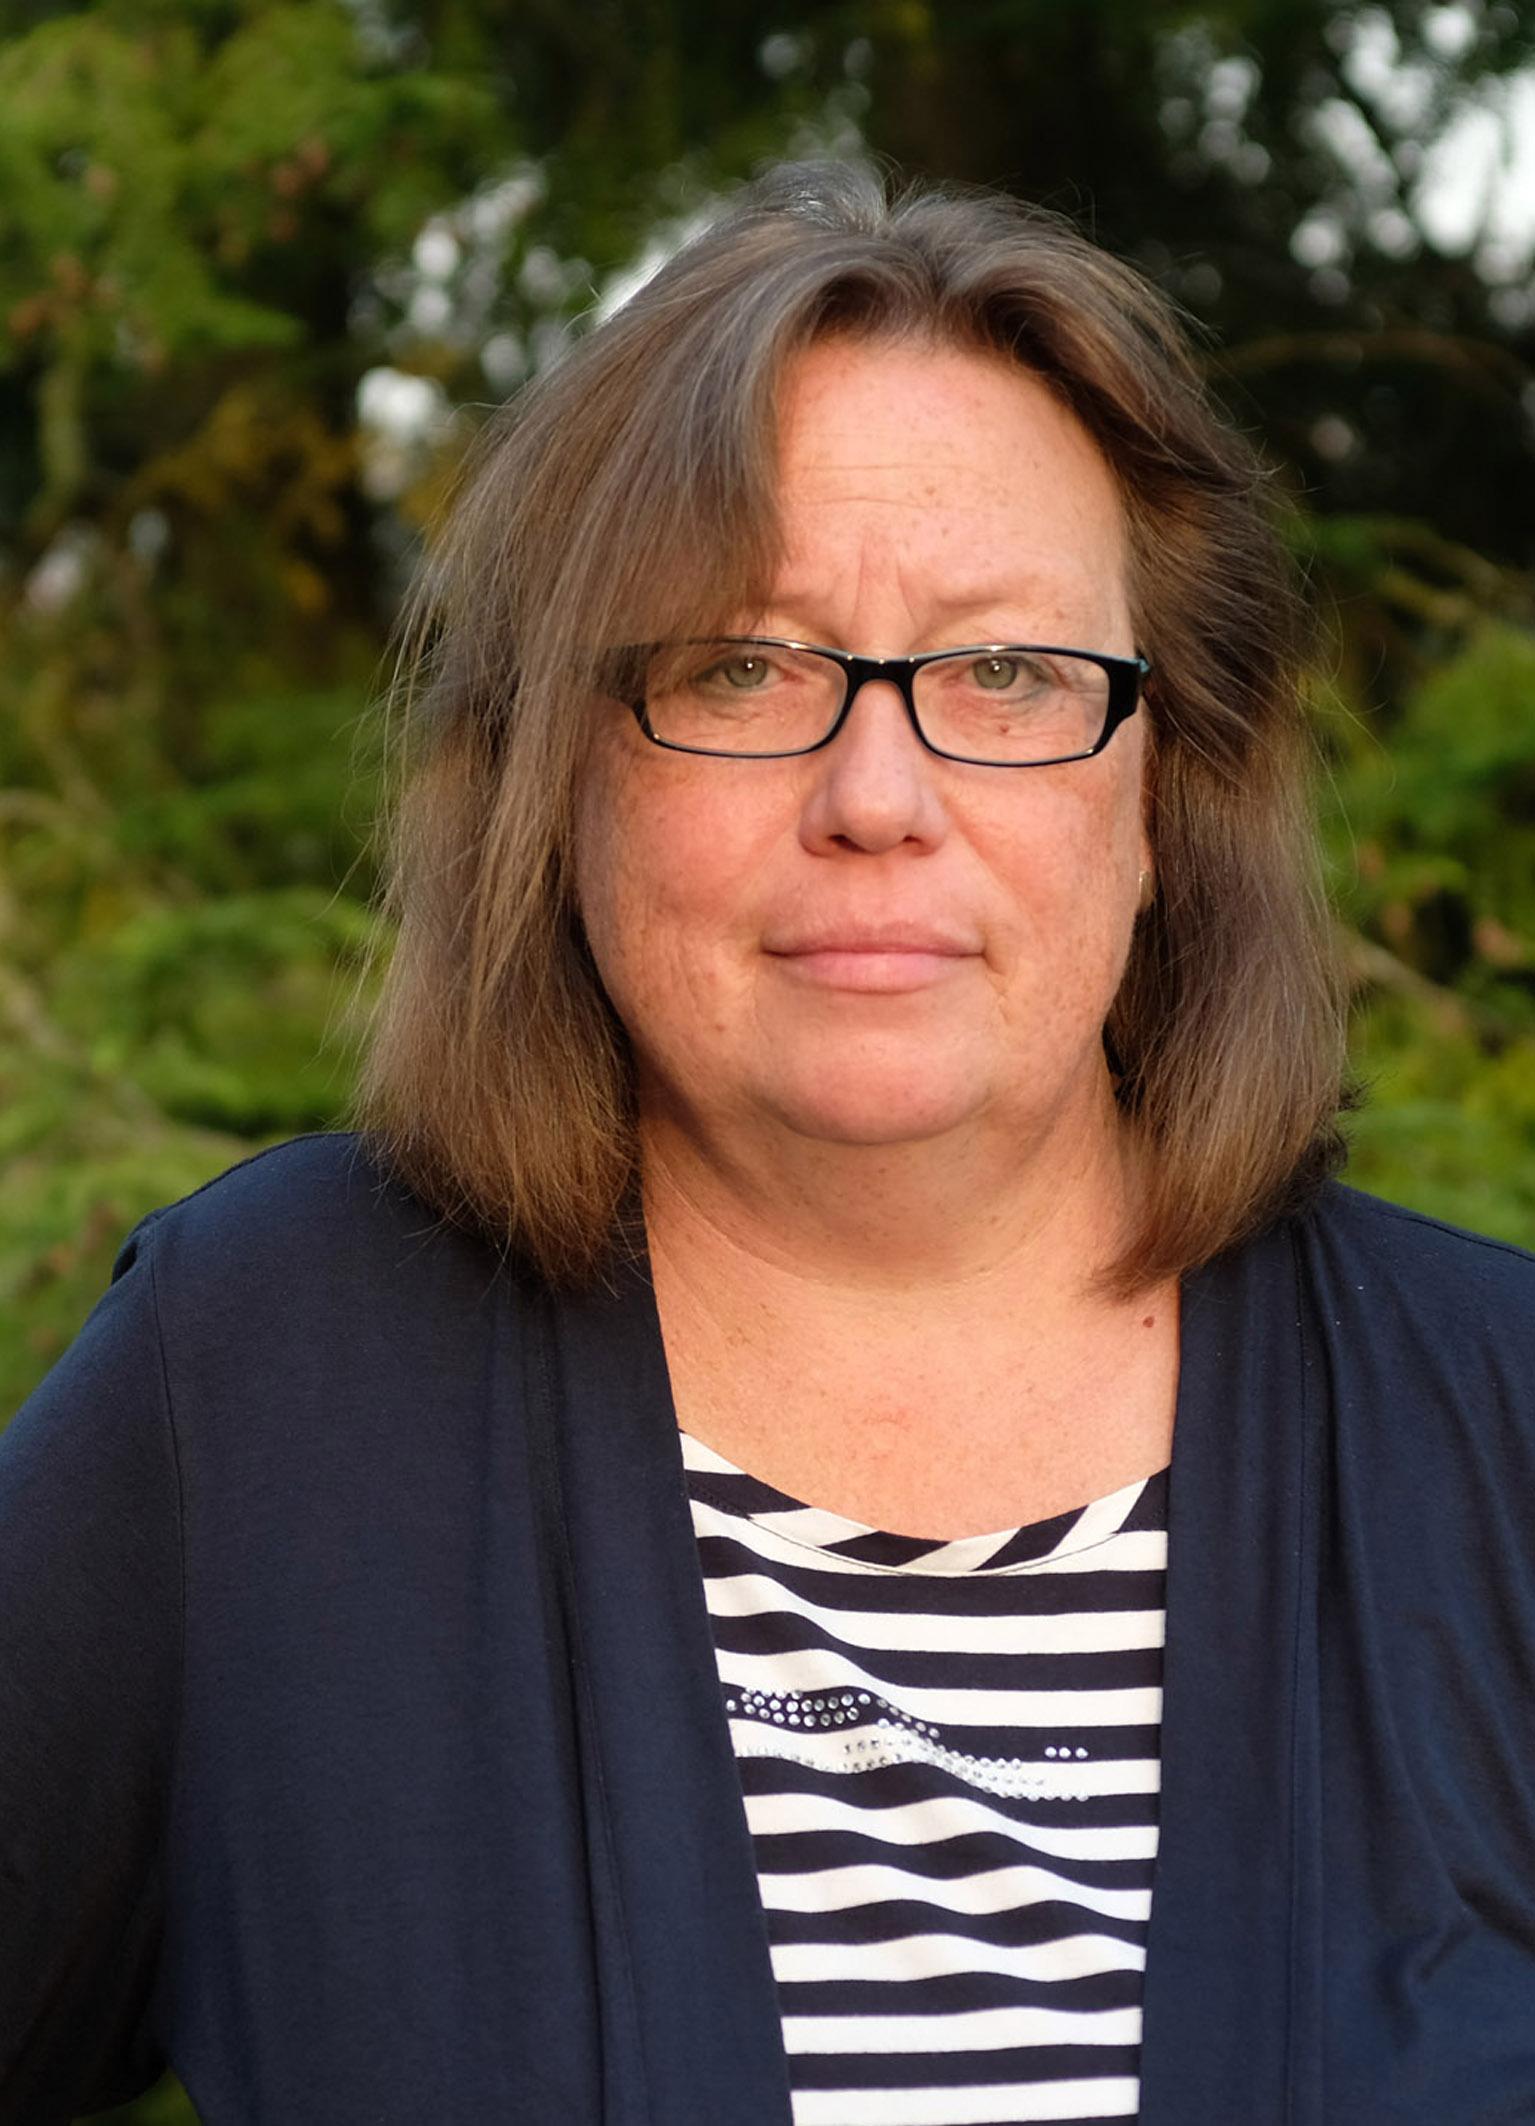 U.K., Diplom Sozial – Pädagogin, Einrichtungsleitung